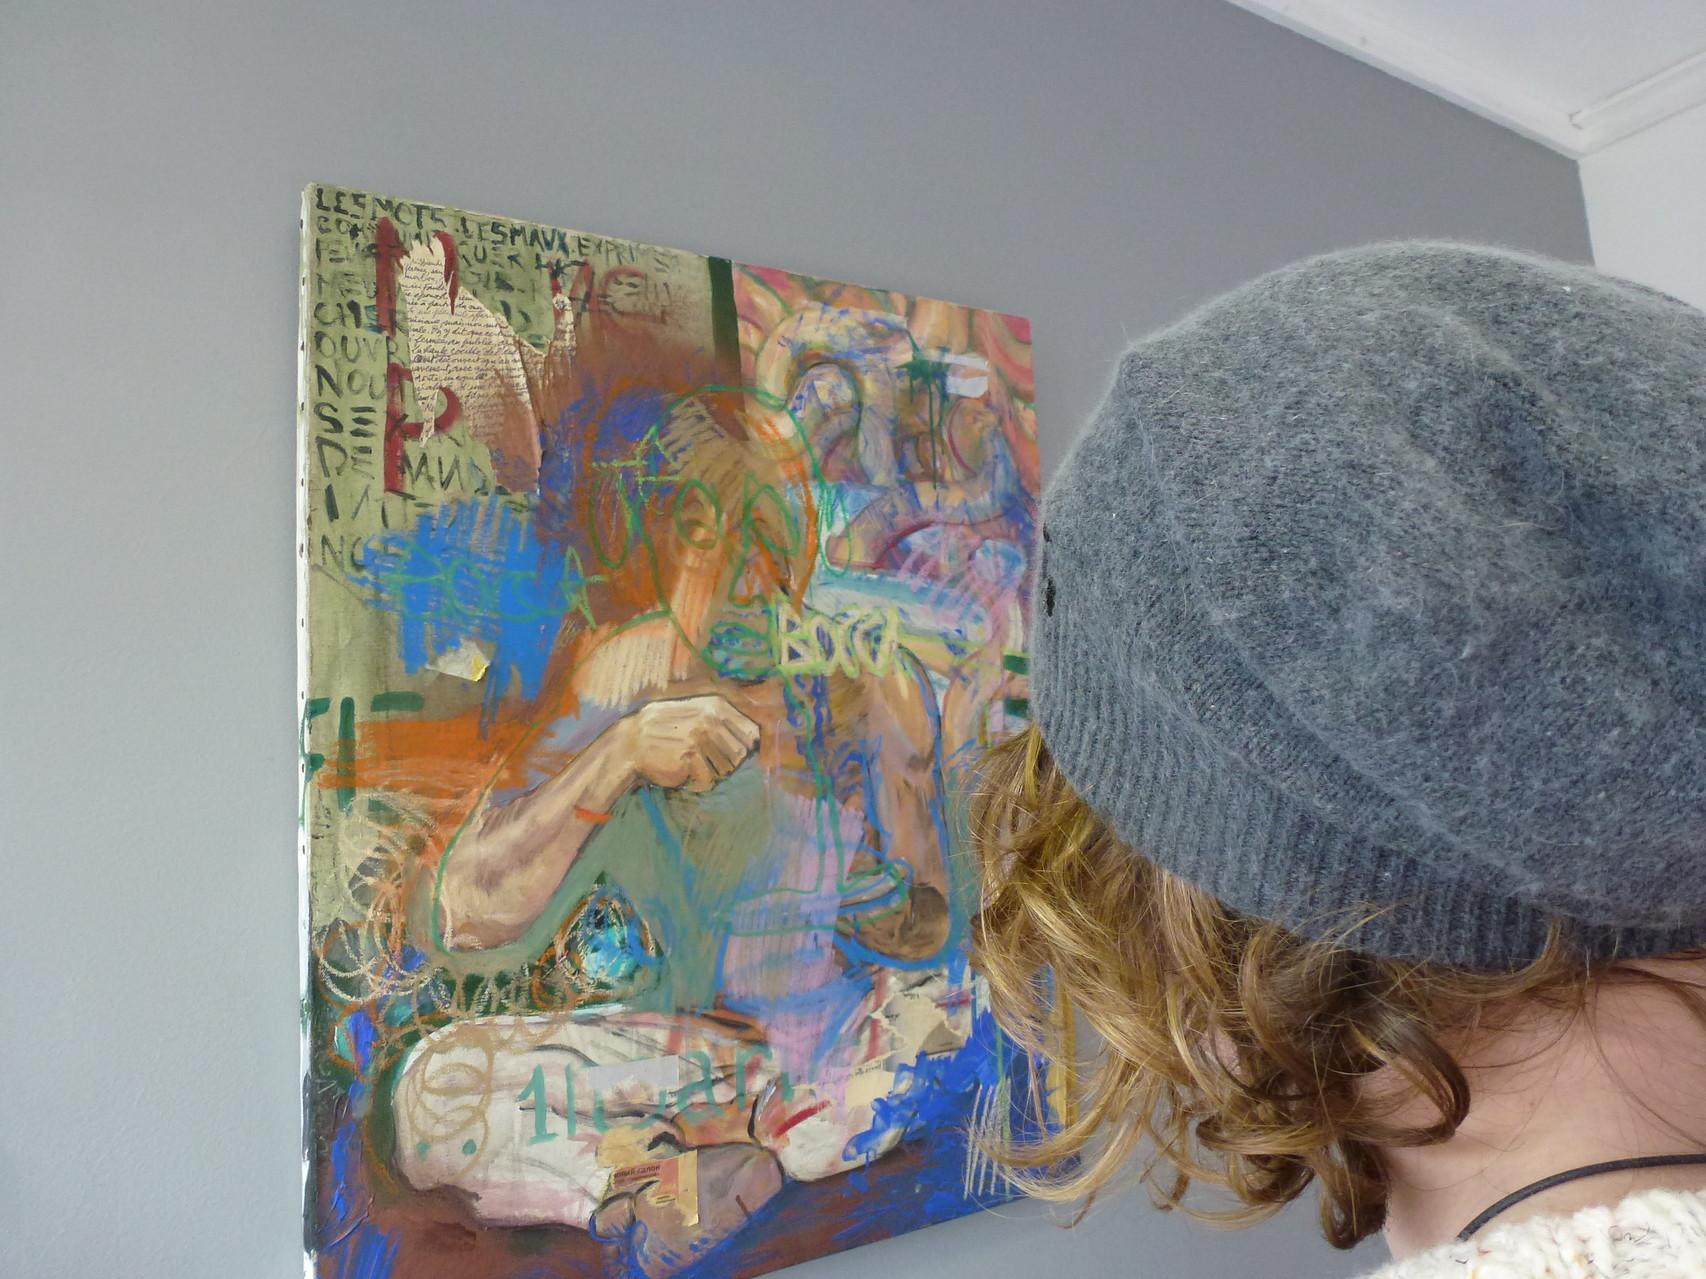 Baptiste Vanweydeveldt, MAngEr/pArlEr, Acrylique 2005